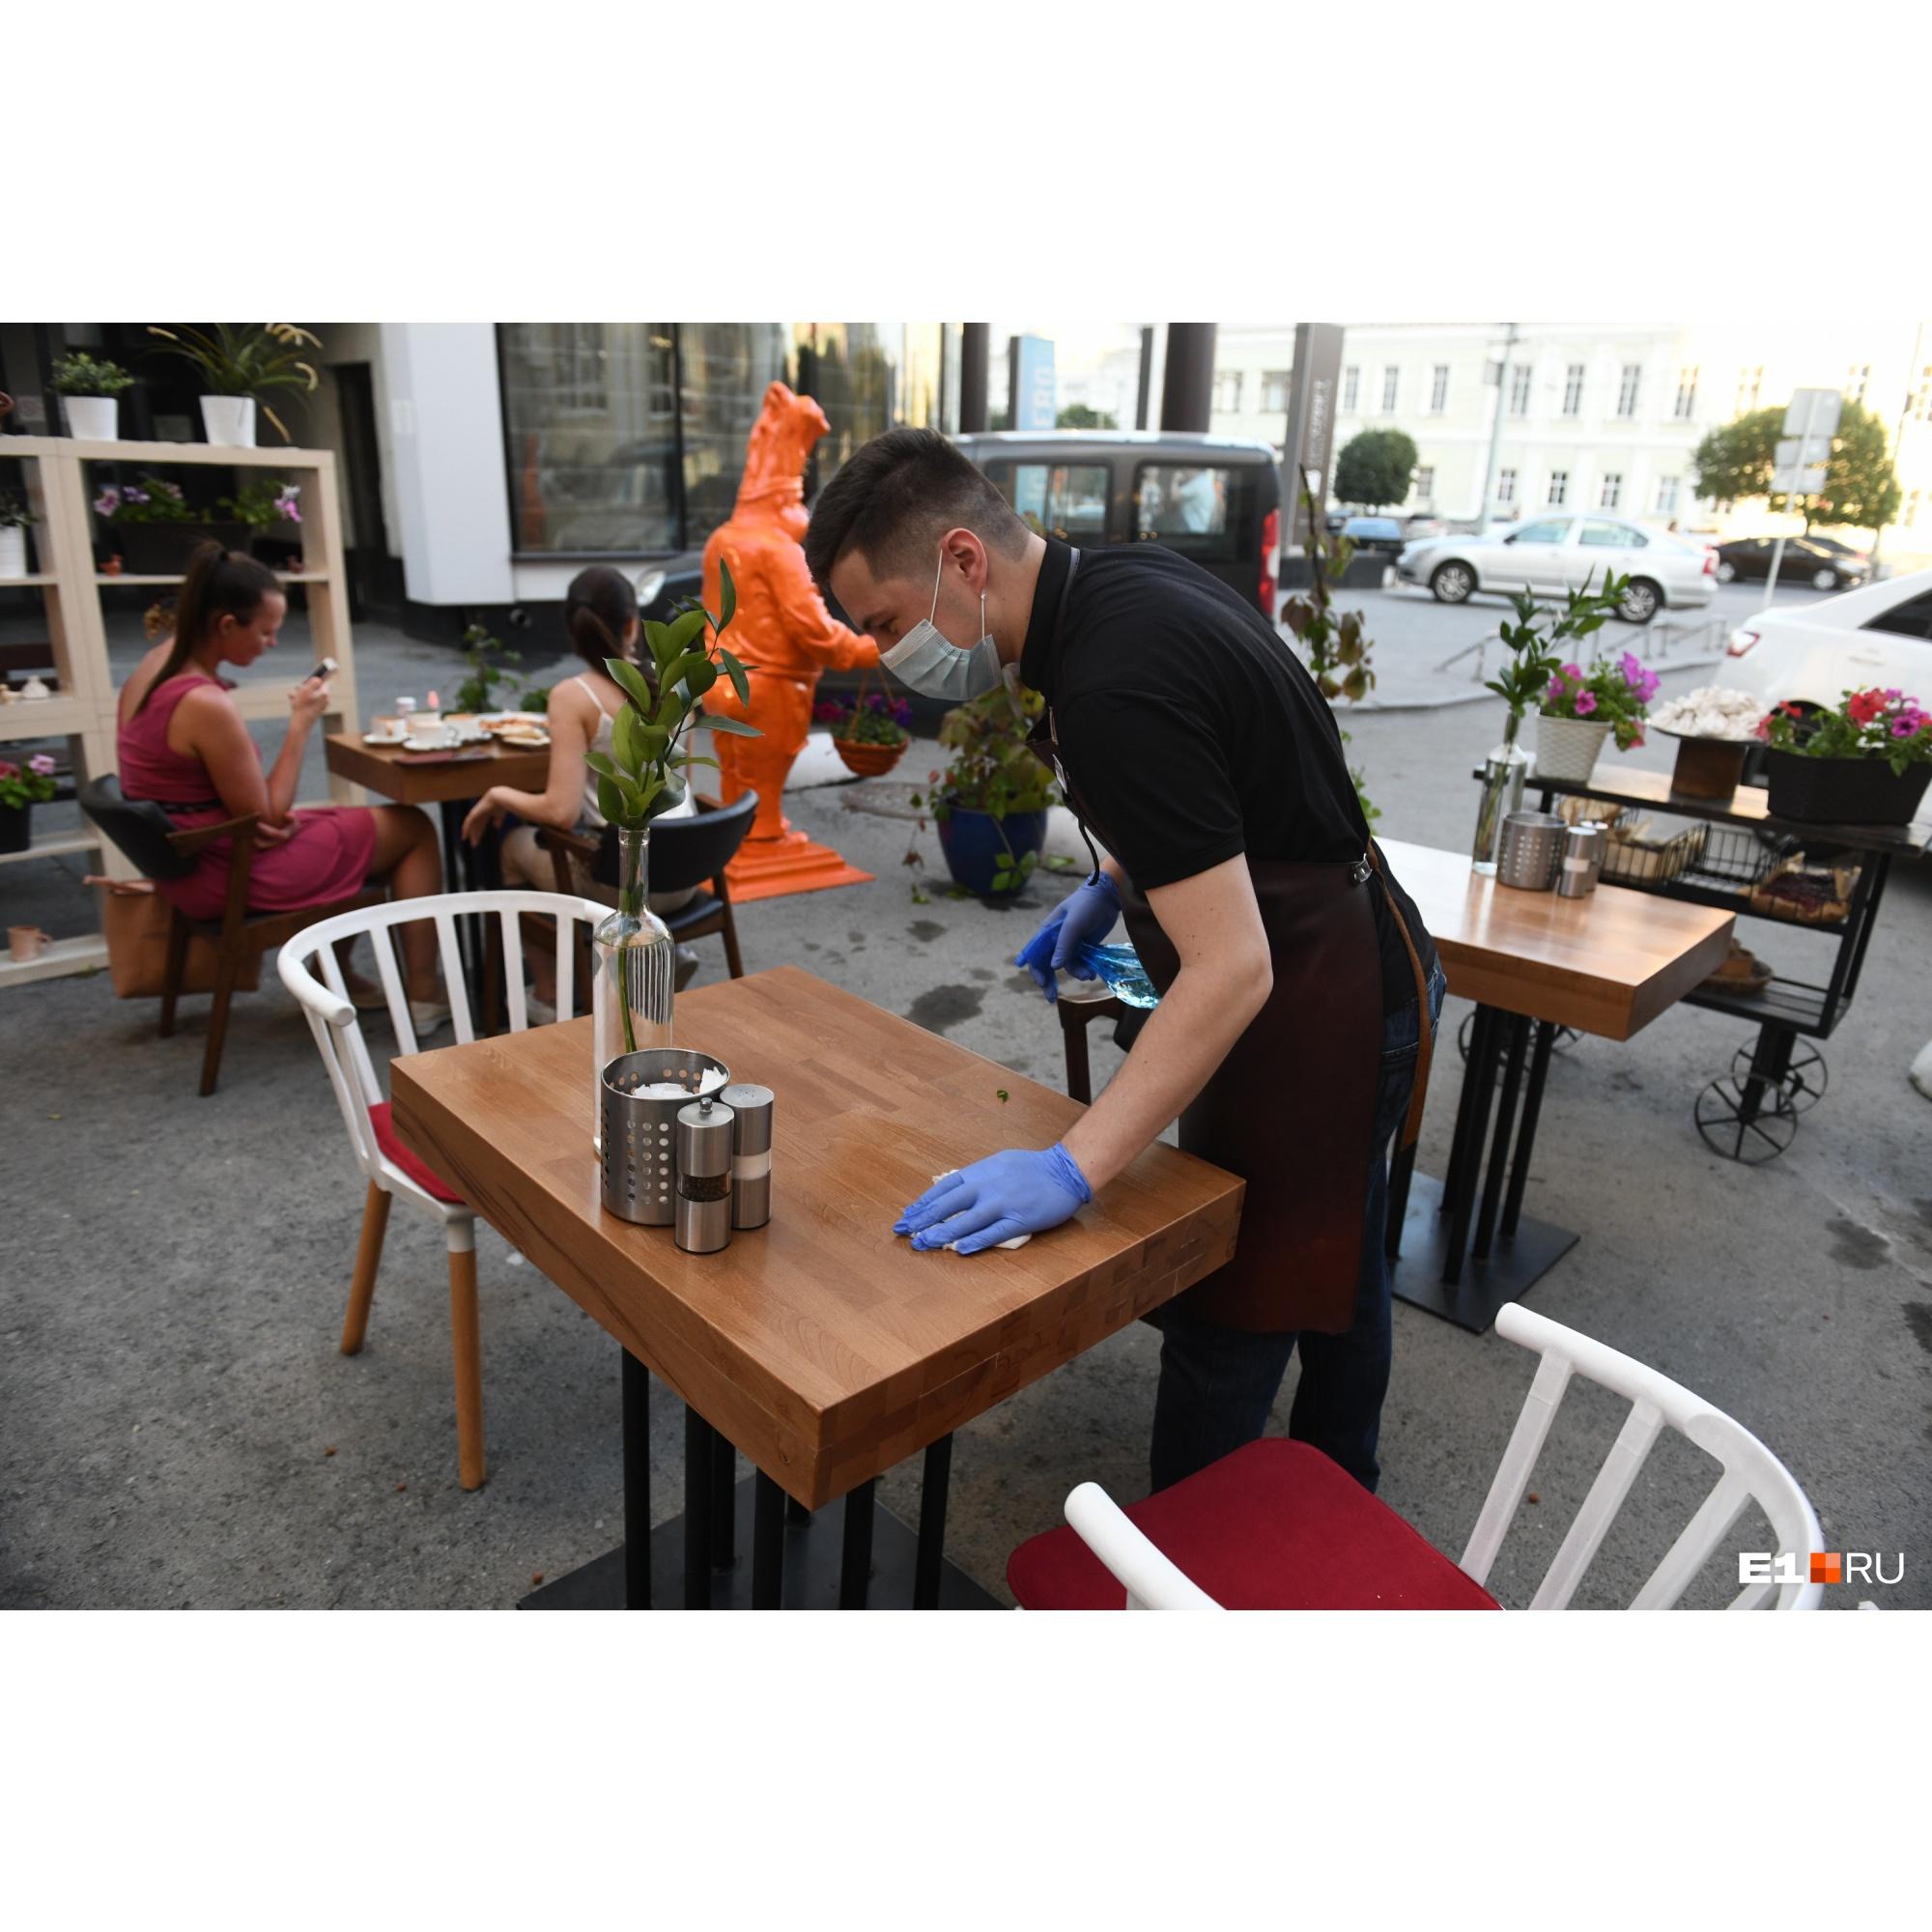 Столы дезинфицируют, а для гостей на столах есть антисептик